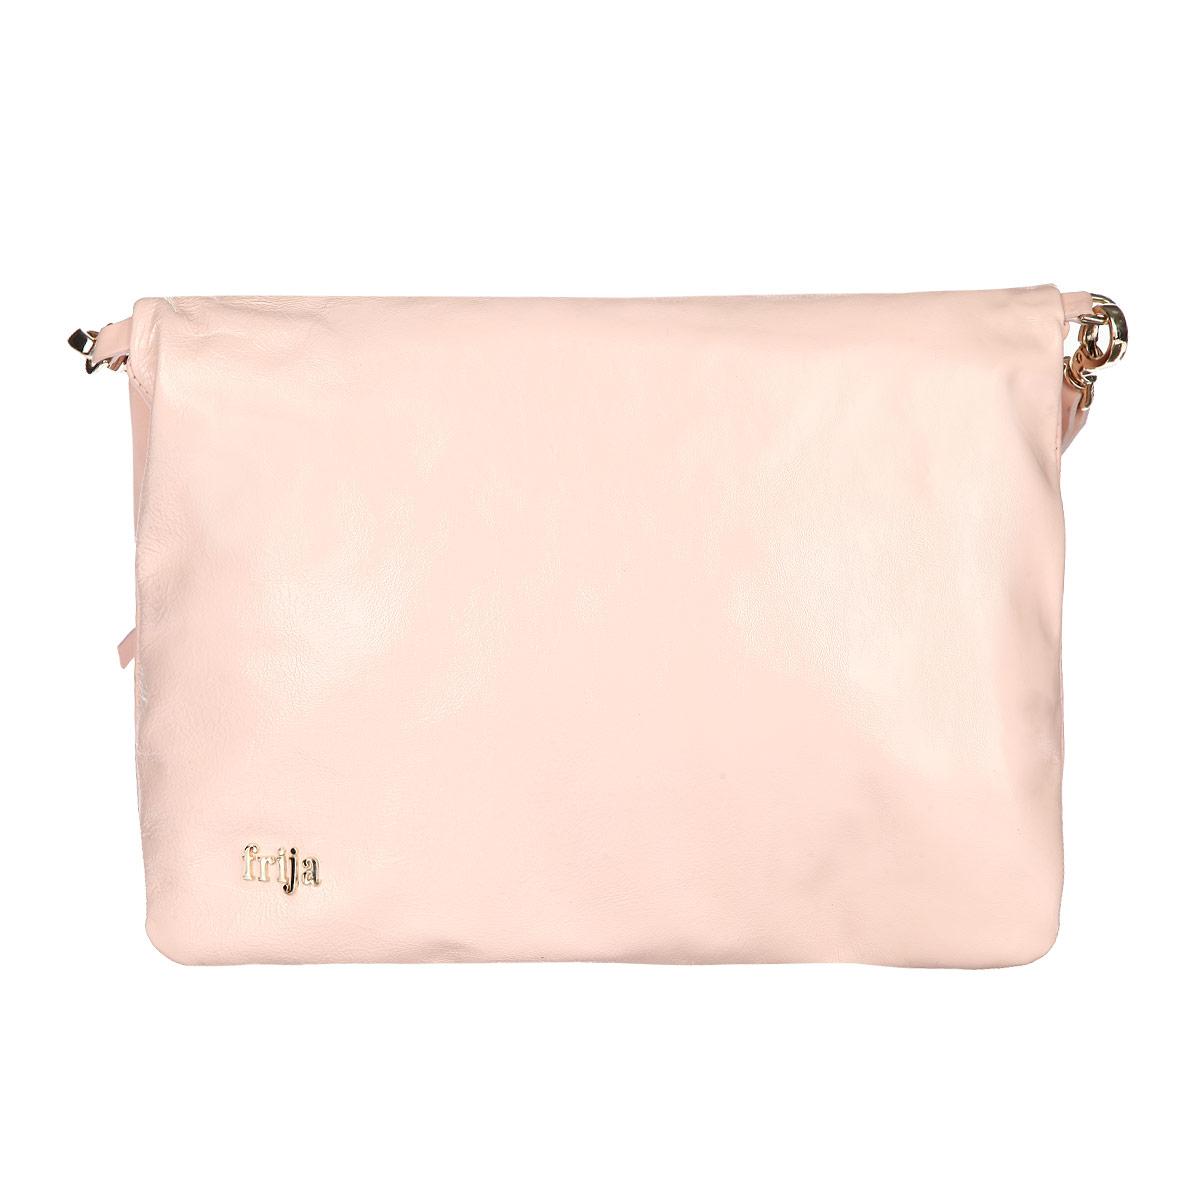 Сумка женская Frija, цвет: розовый. 21-0311-158-2Стильная женская сумка Frija выполнена из натуральной кожи, оформлена металлическим элементом с названием бренда.Изделие содержит одно главное отделение, закрывающееся на застежку-молнию, внутри которого расположен вшитый карман на молнии. Сумка дополнена практичной съемной лямкой, которая позволит носить ее как в руках, так и на плече.Такая сумка прекрасно дополнит ваш образ.